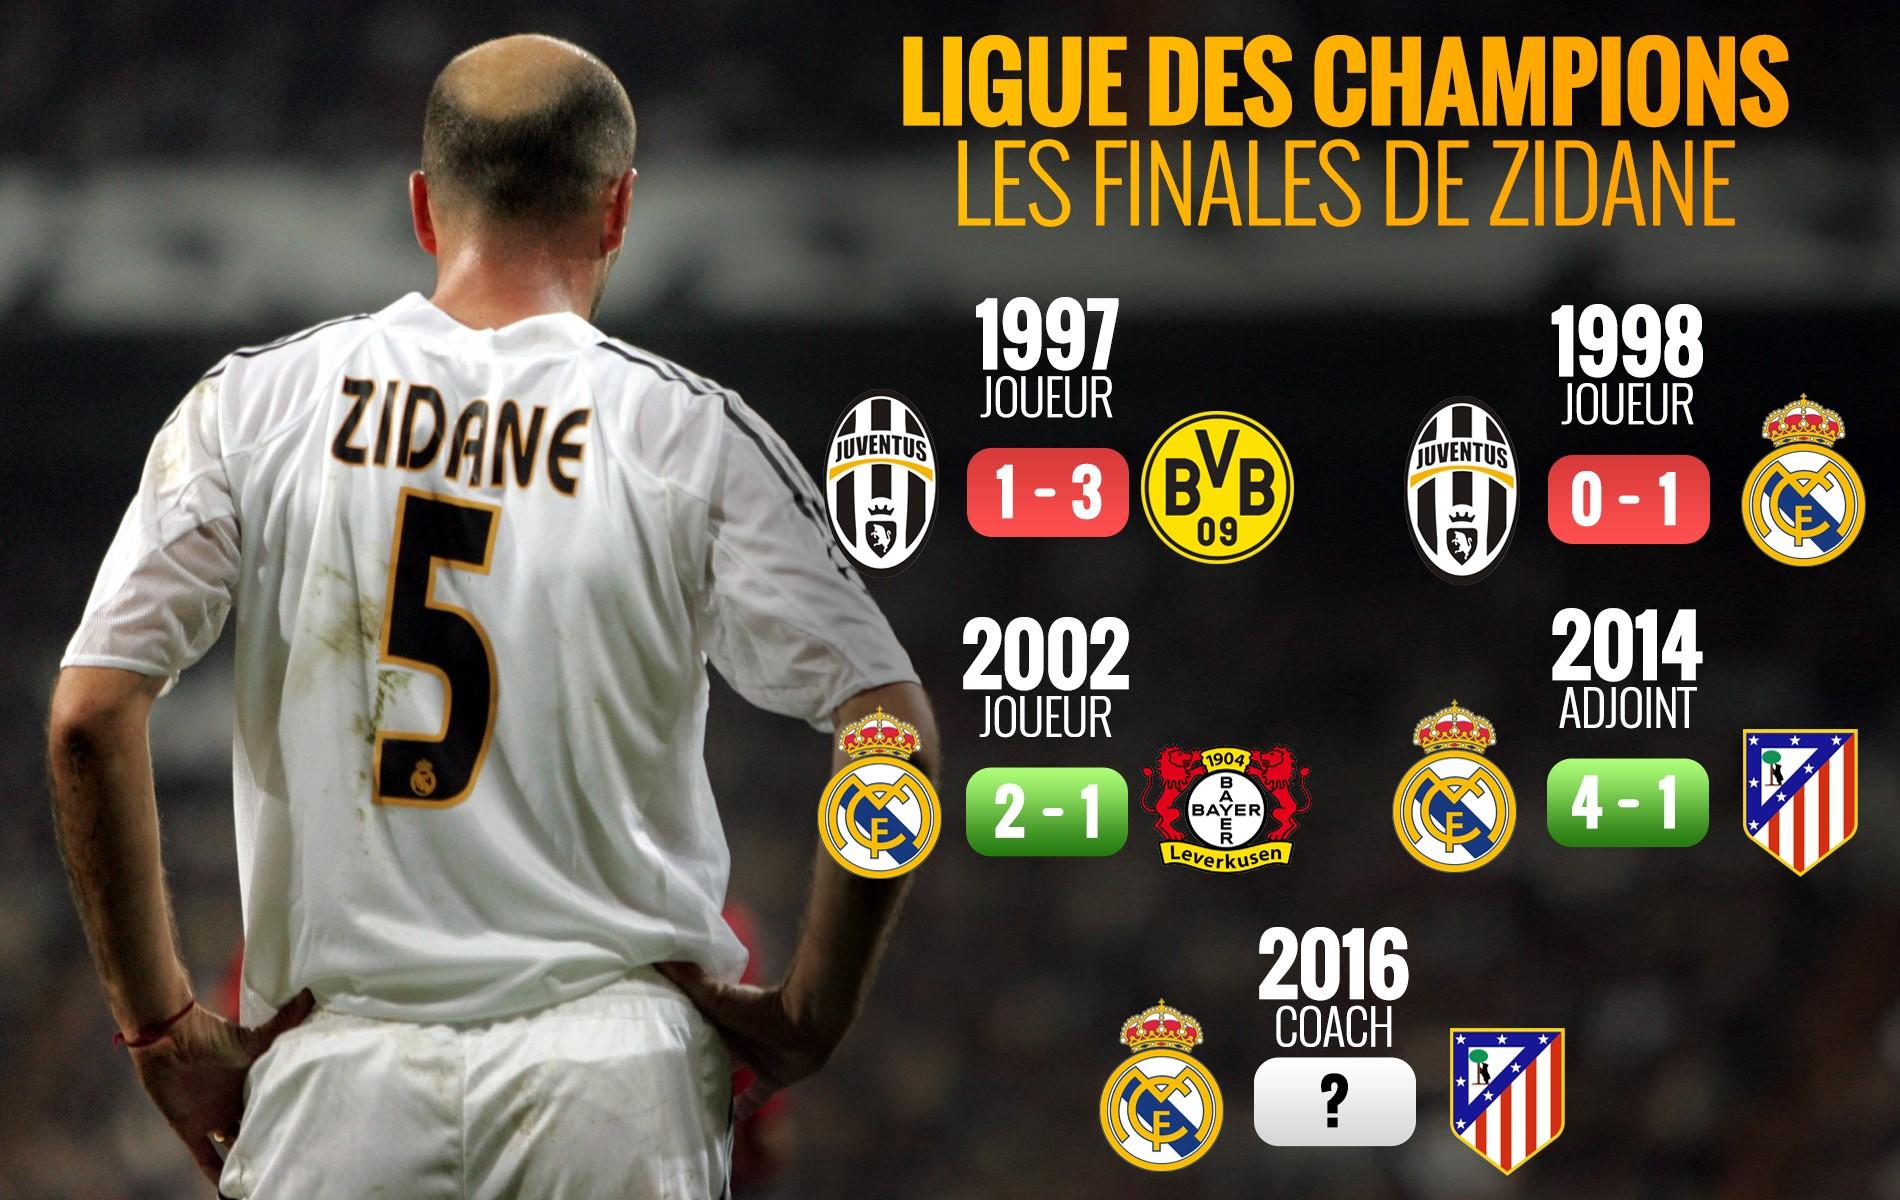 zidane et les finales c 39 est tout une histoire ligue des champions 2015 2016 football. Black Bedroom Furniture Sets. Home Design Ideas